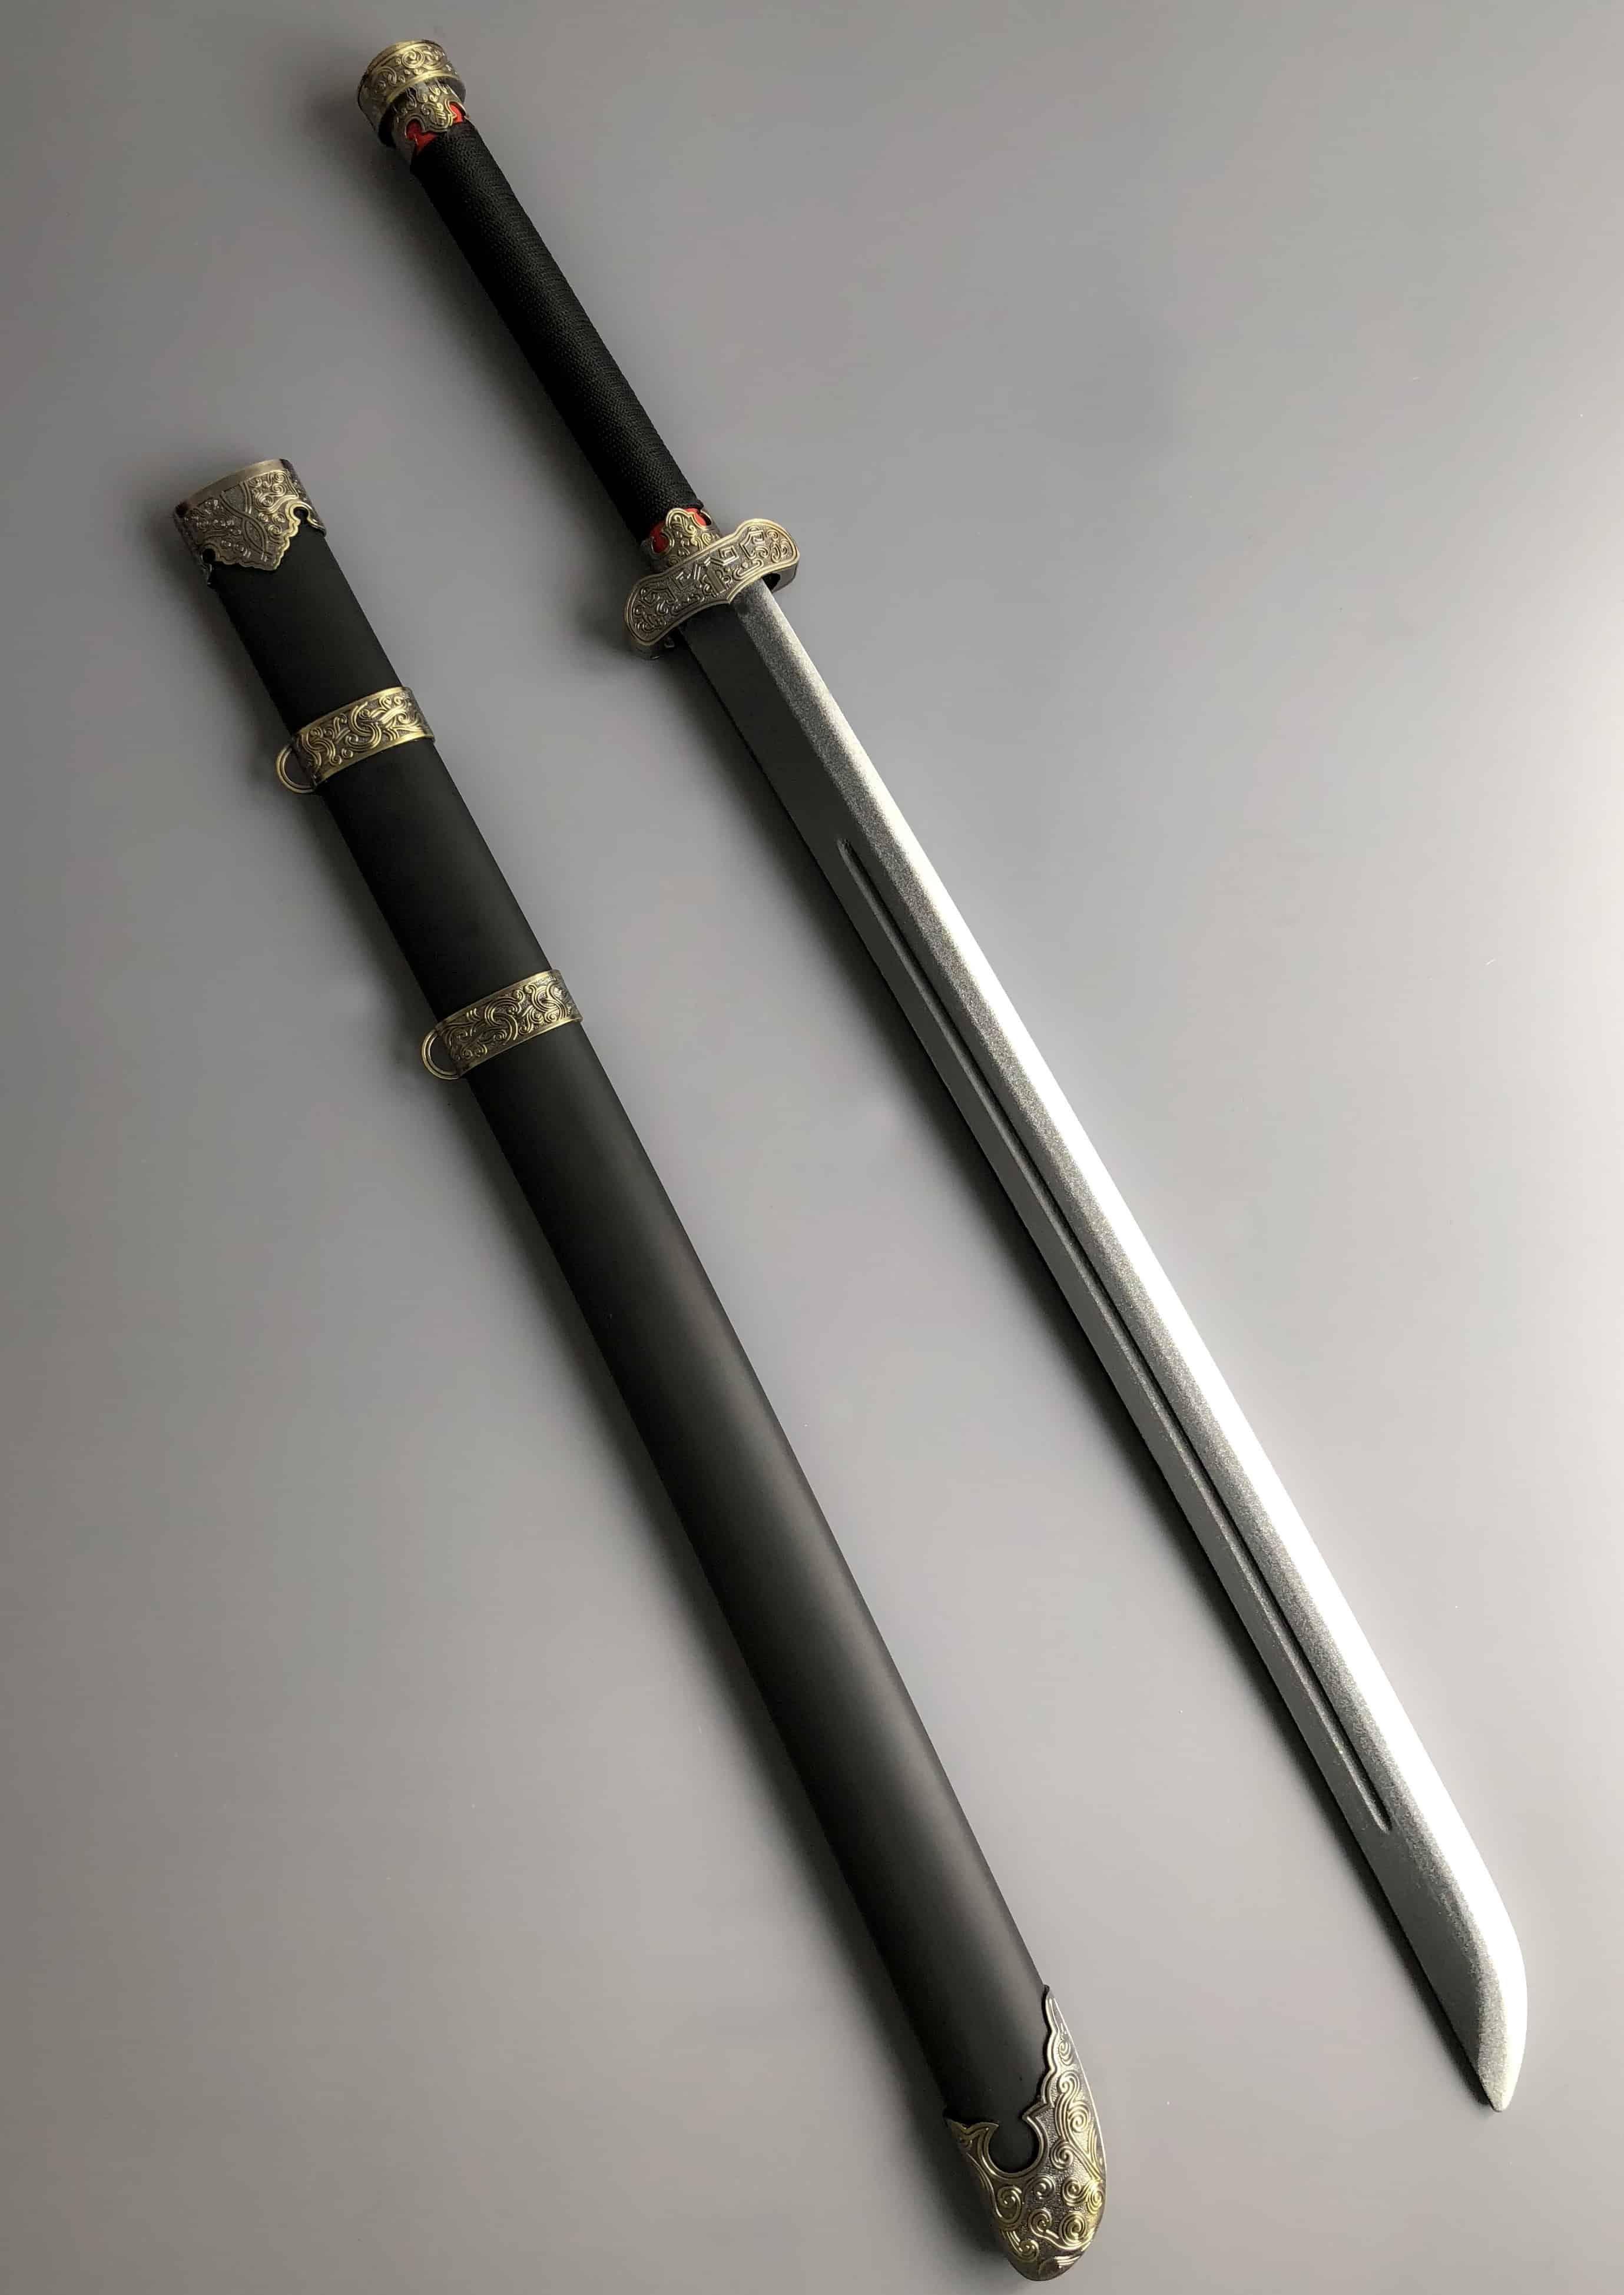 Samurai Swords In 2020 Samurai Swords Katana Swords Samurai